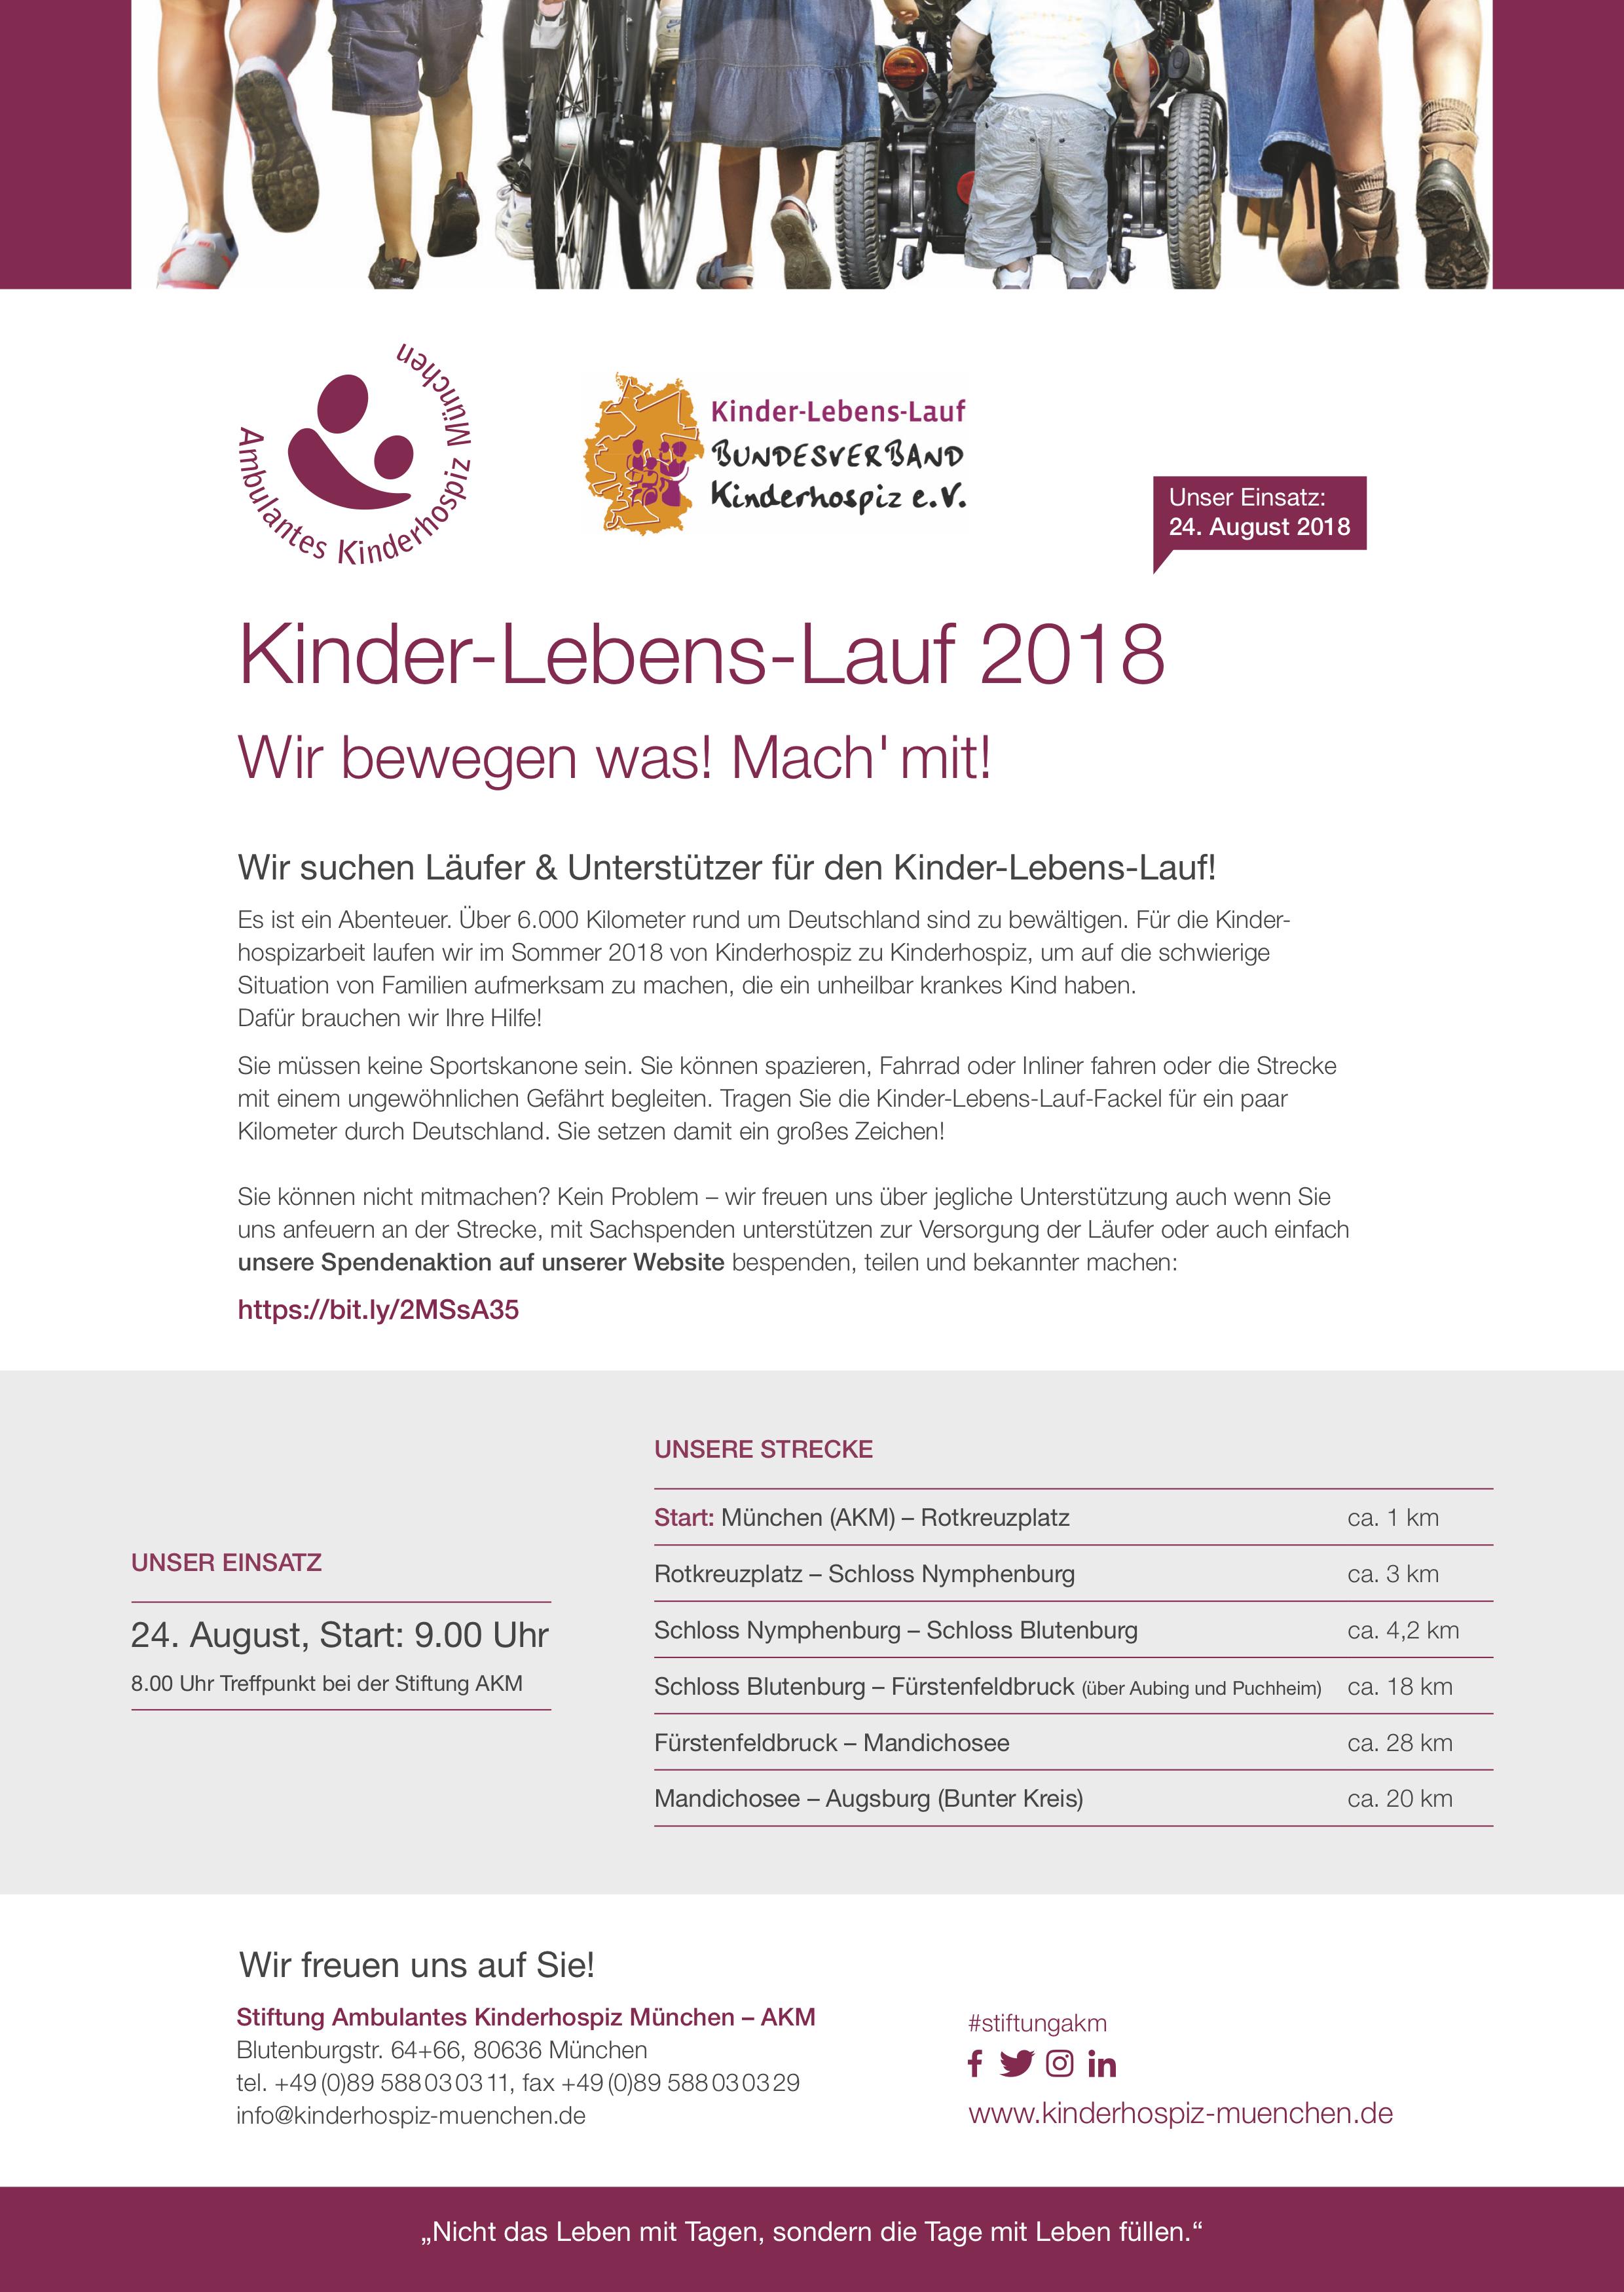 kinder-lebens-lauf-flyer